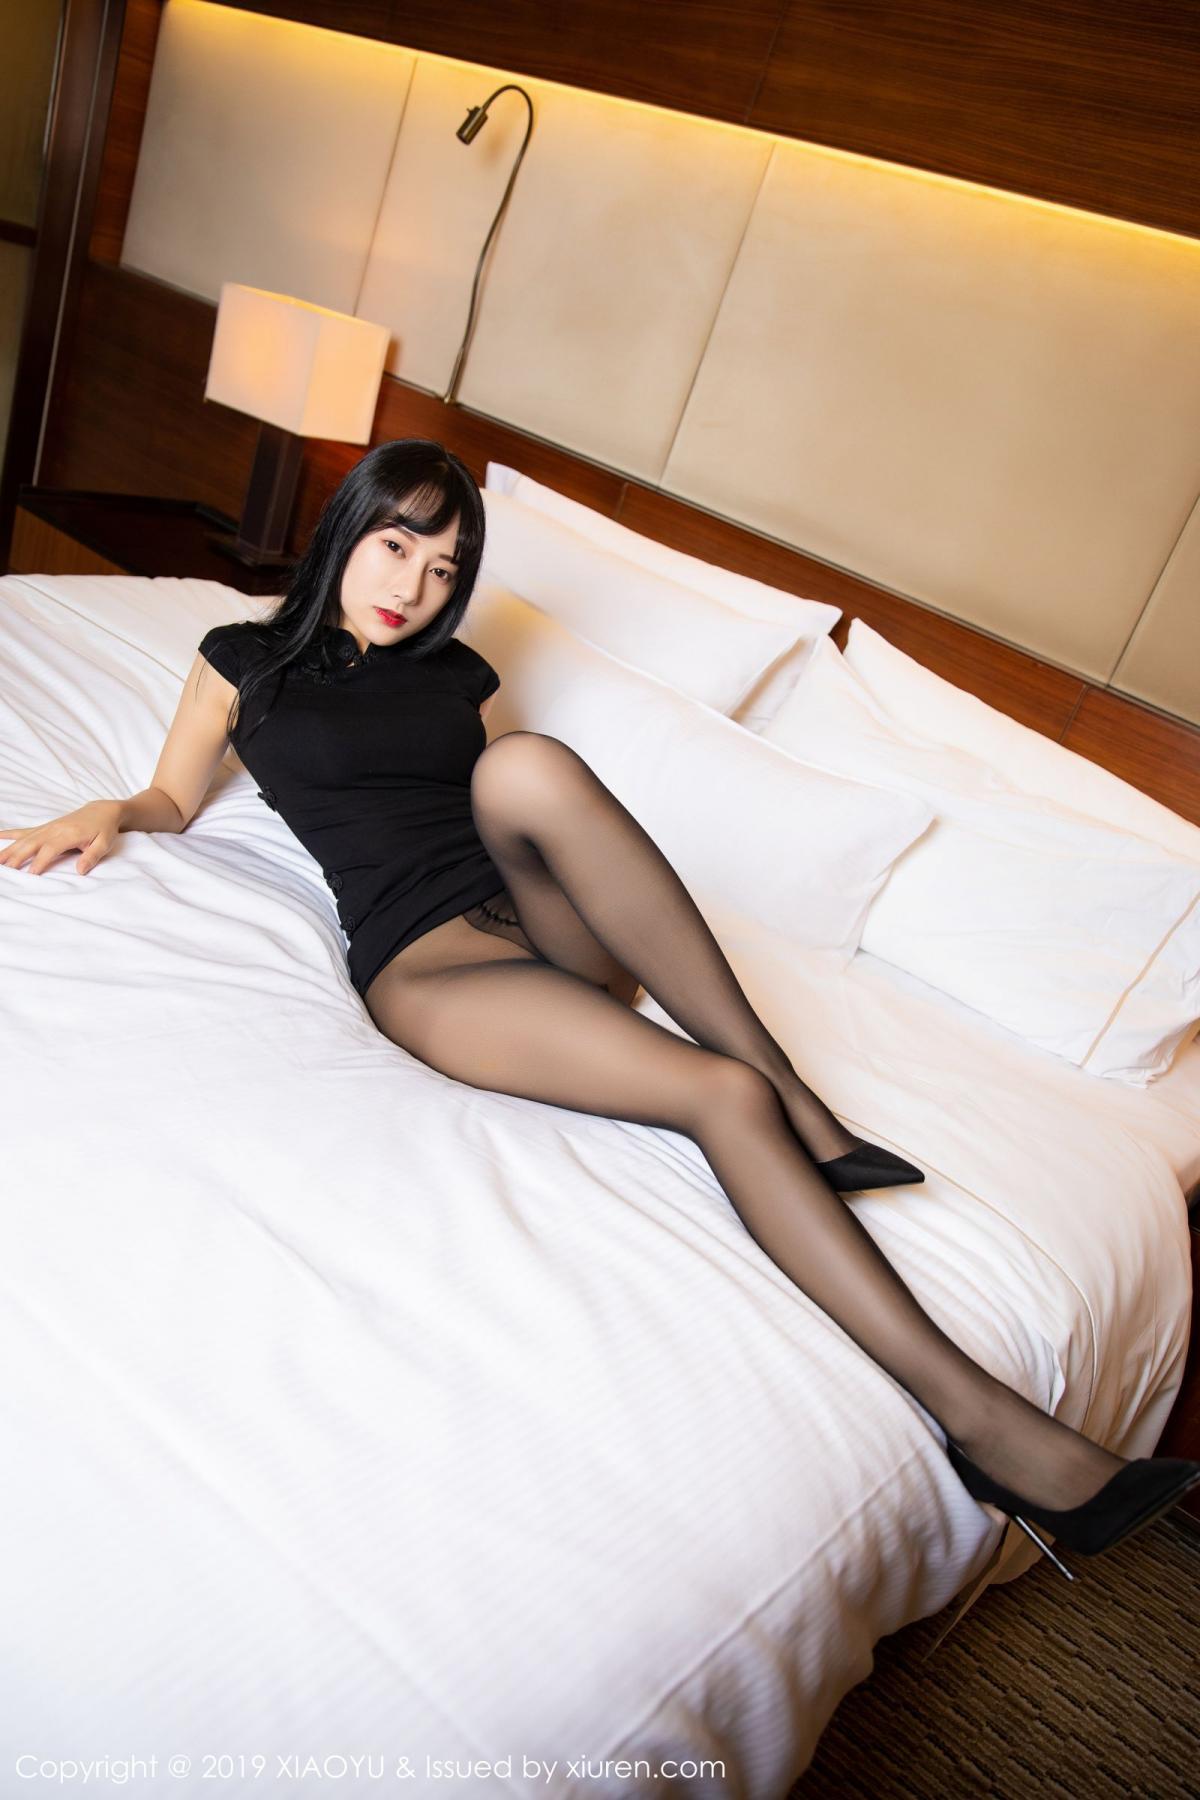 [XiaoYu] Vol.145 He Jia Ying 23P, Black Silk, He Jia Ying, Underwear, XiaoYu